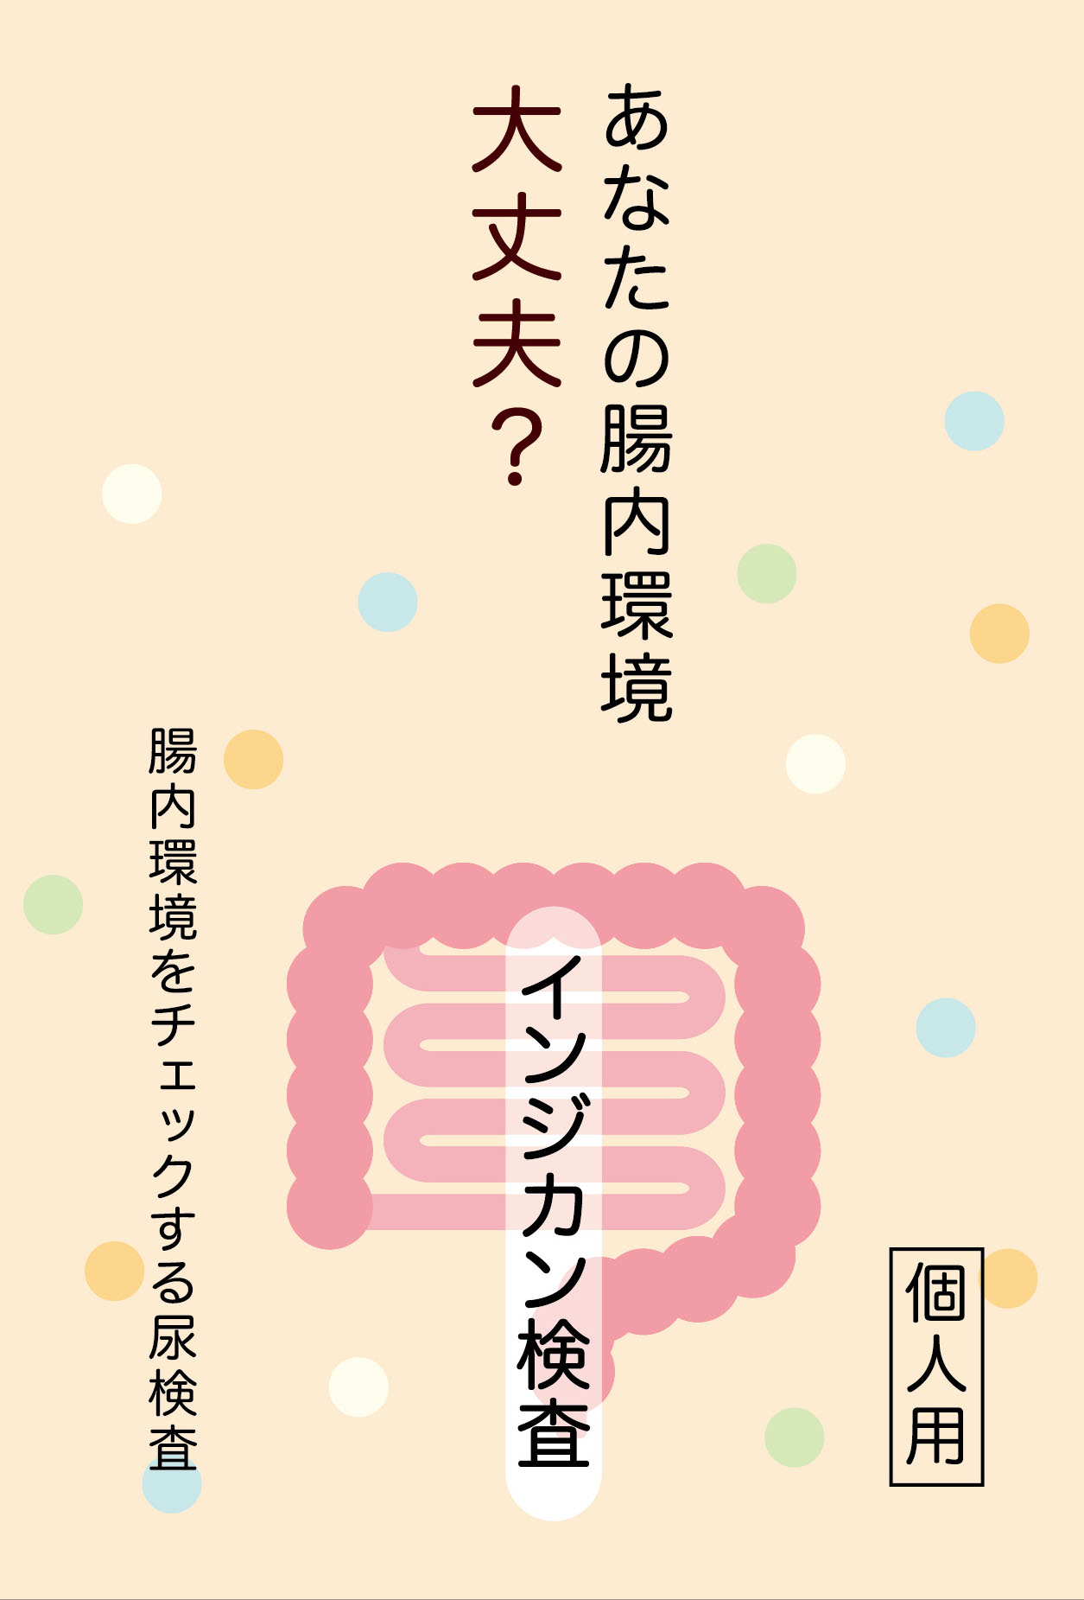 インジカン検査キット(個人用)